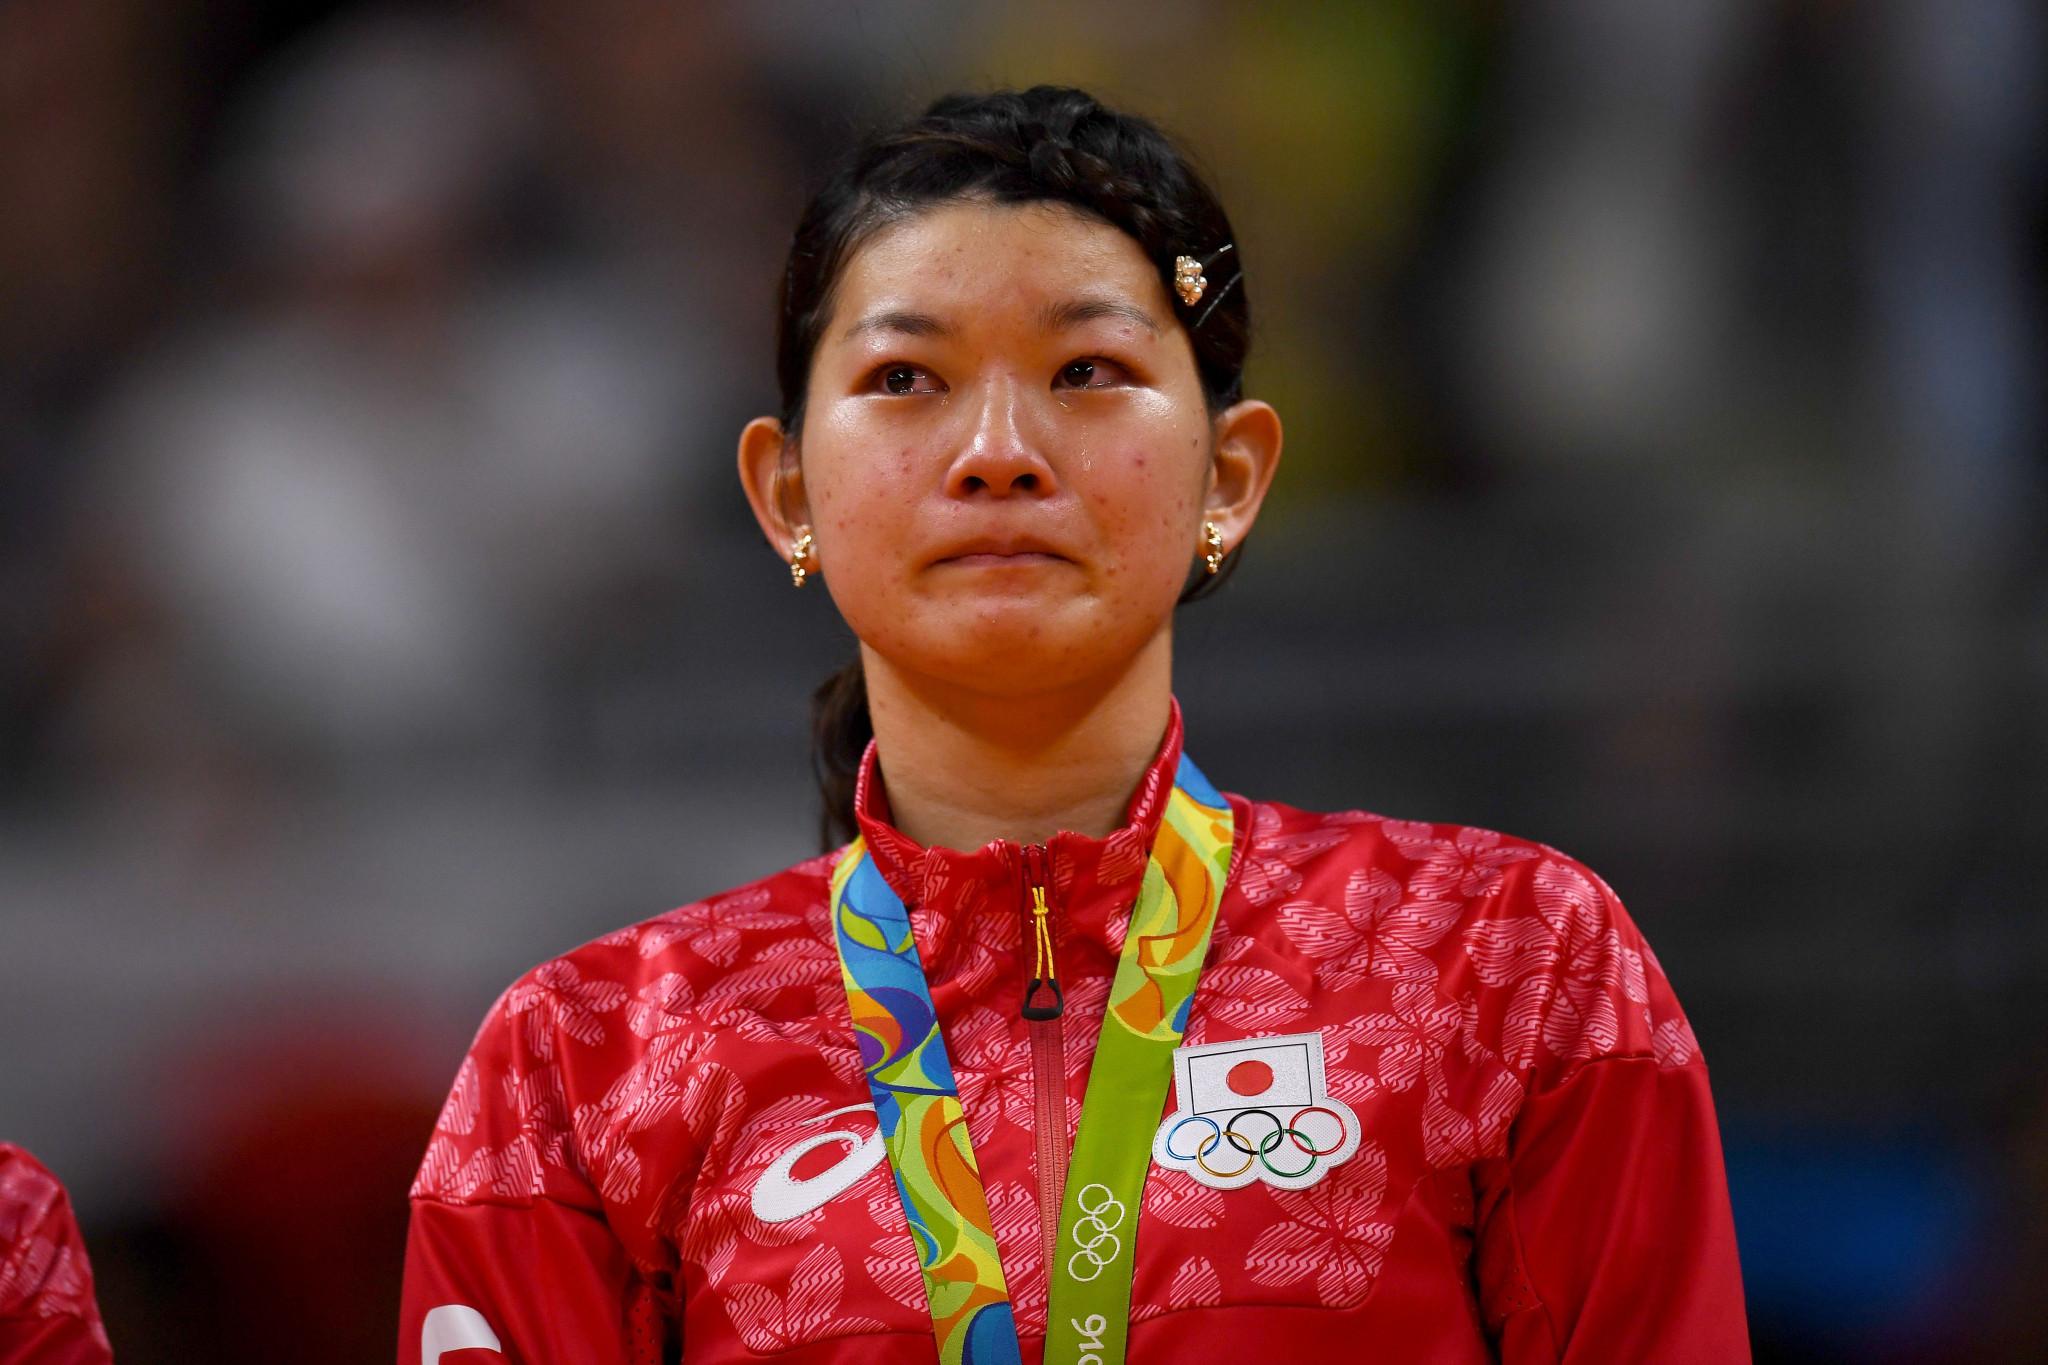 Ayaka Takahashi won gold with Misaki Matsutomo at the Rio 2016 Olympic Games ©Getty Images